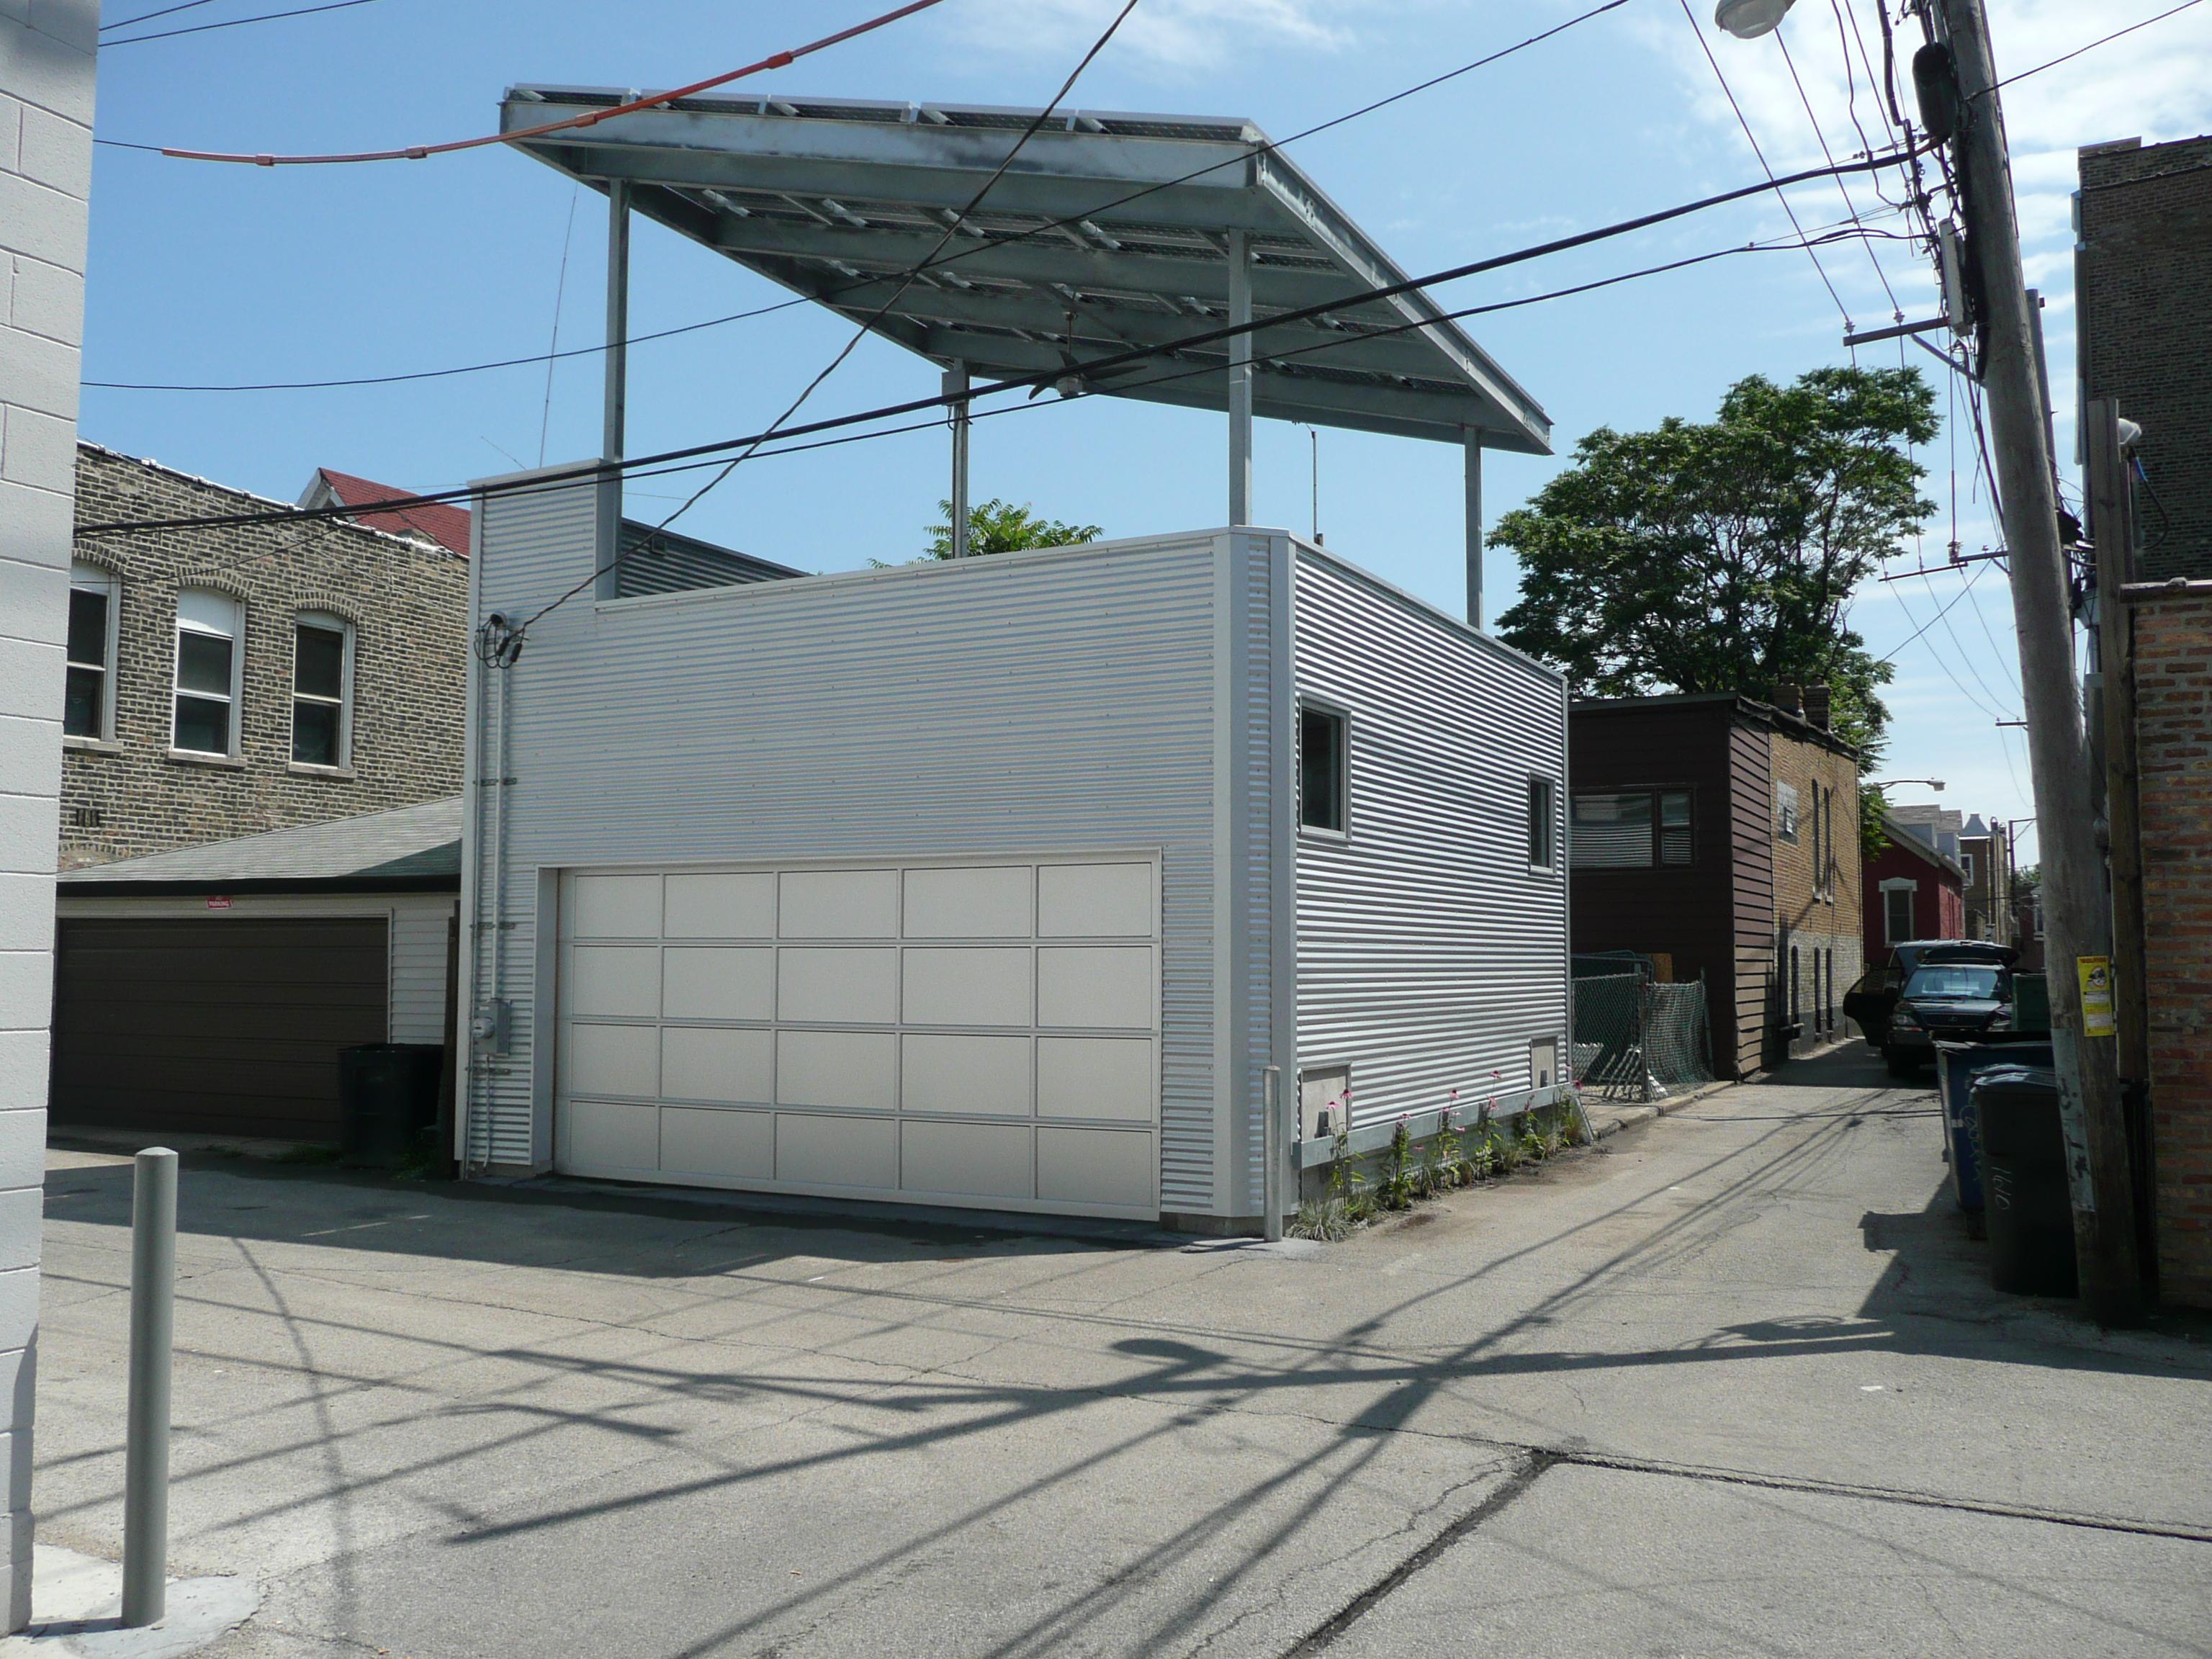 The Greenest Garage in Chicago